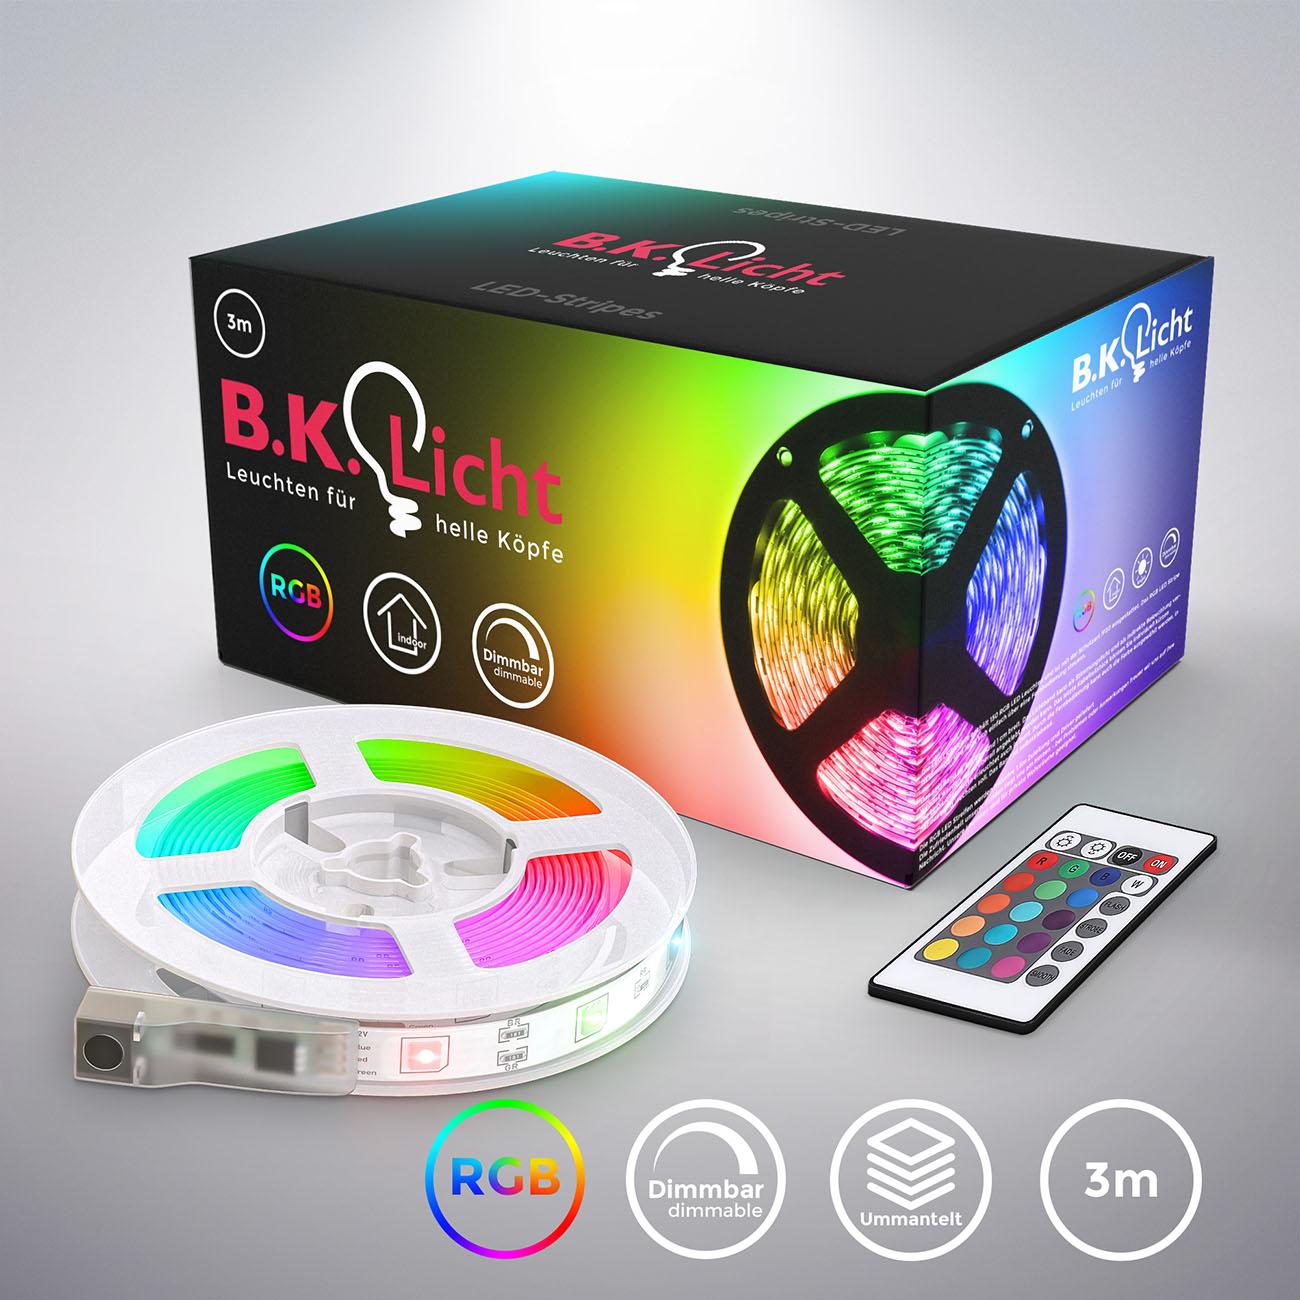 RGB LED Streifen mit Farbwechsel silikonbeschichtet 3m - 3